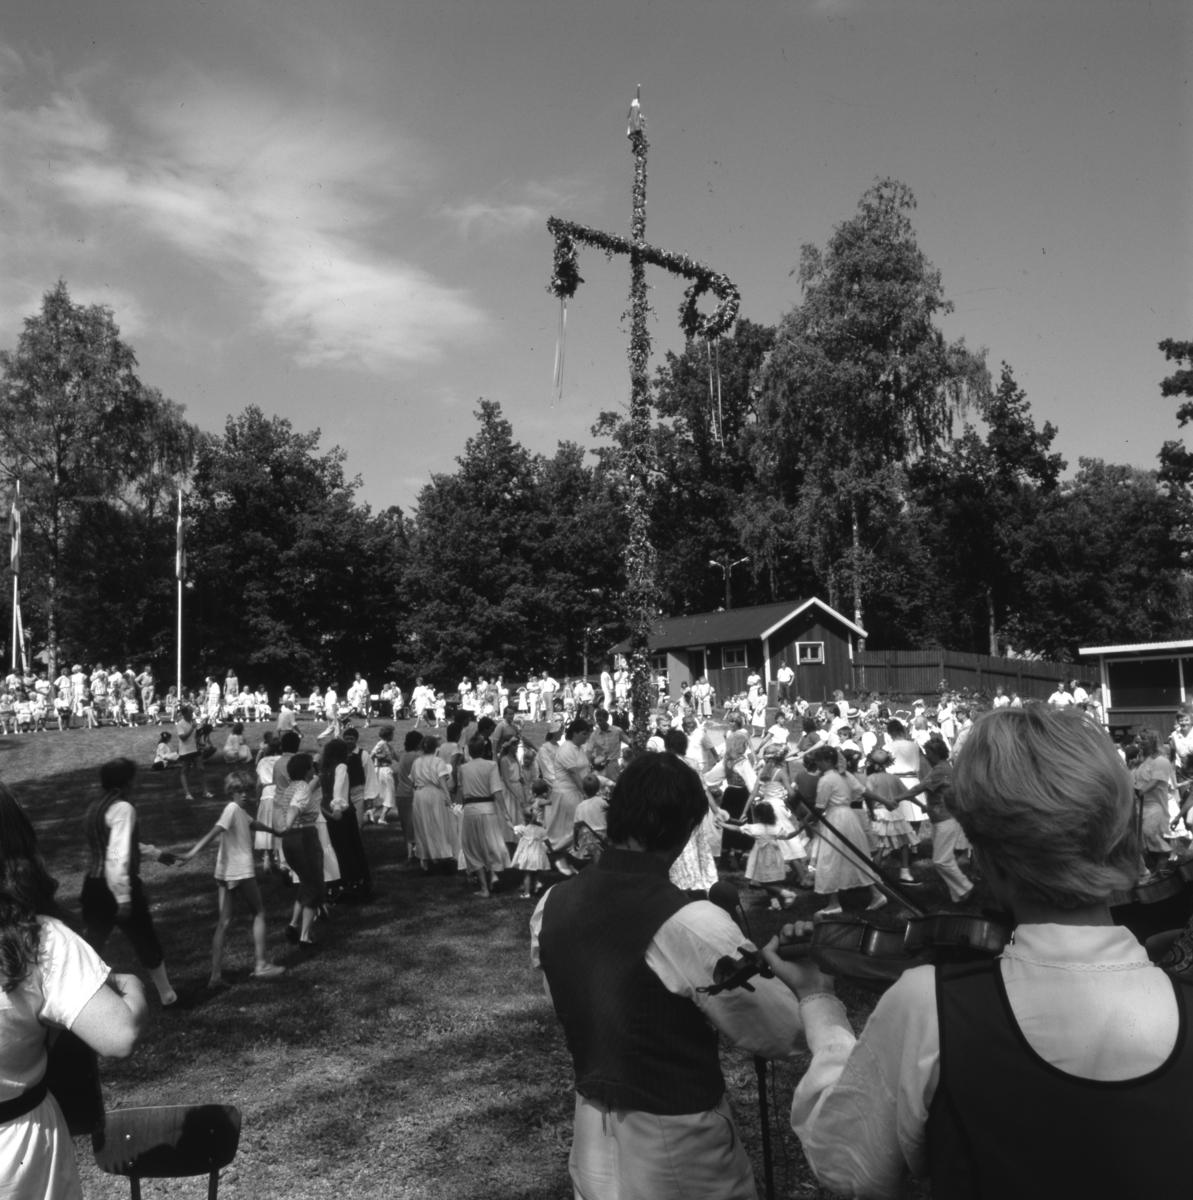 Midsommarfirande i Arboga Folkets park. Midsommarstången är rest och dansen pågår för fullt; mest är det kvinnor och barn som deltar. Närmast kameran står spelmännen. Bakom dansarna ses glasskiosken. Flaggorna är hissade och det är vackert väder.